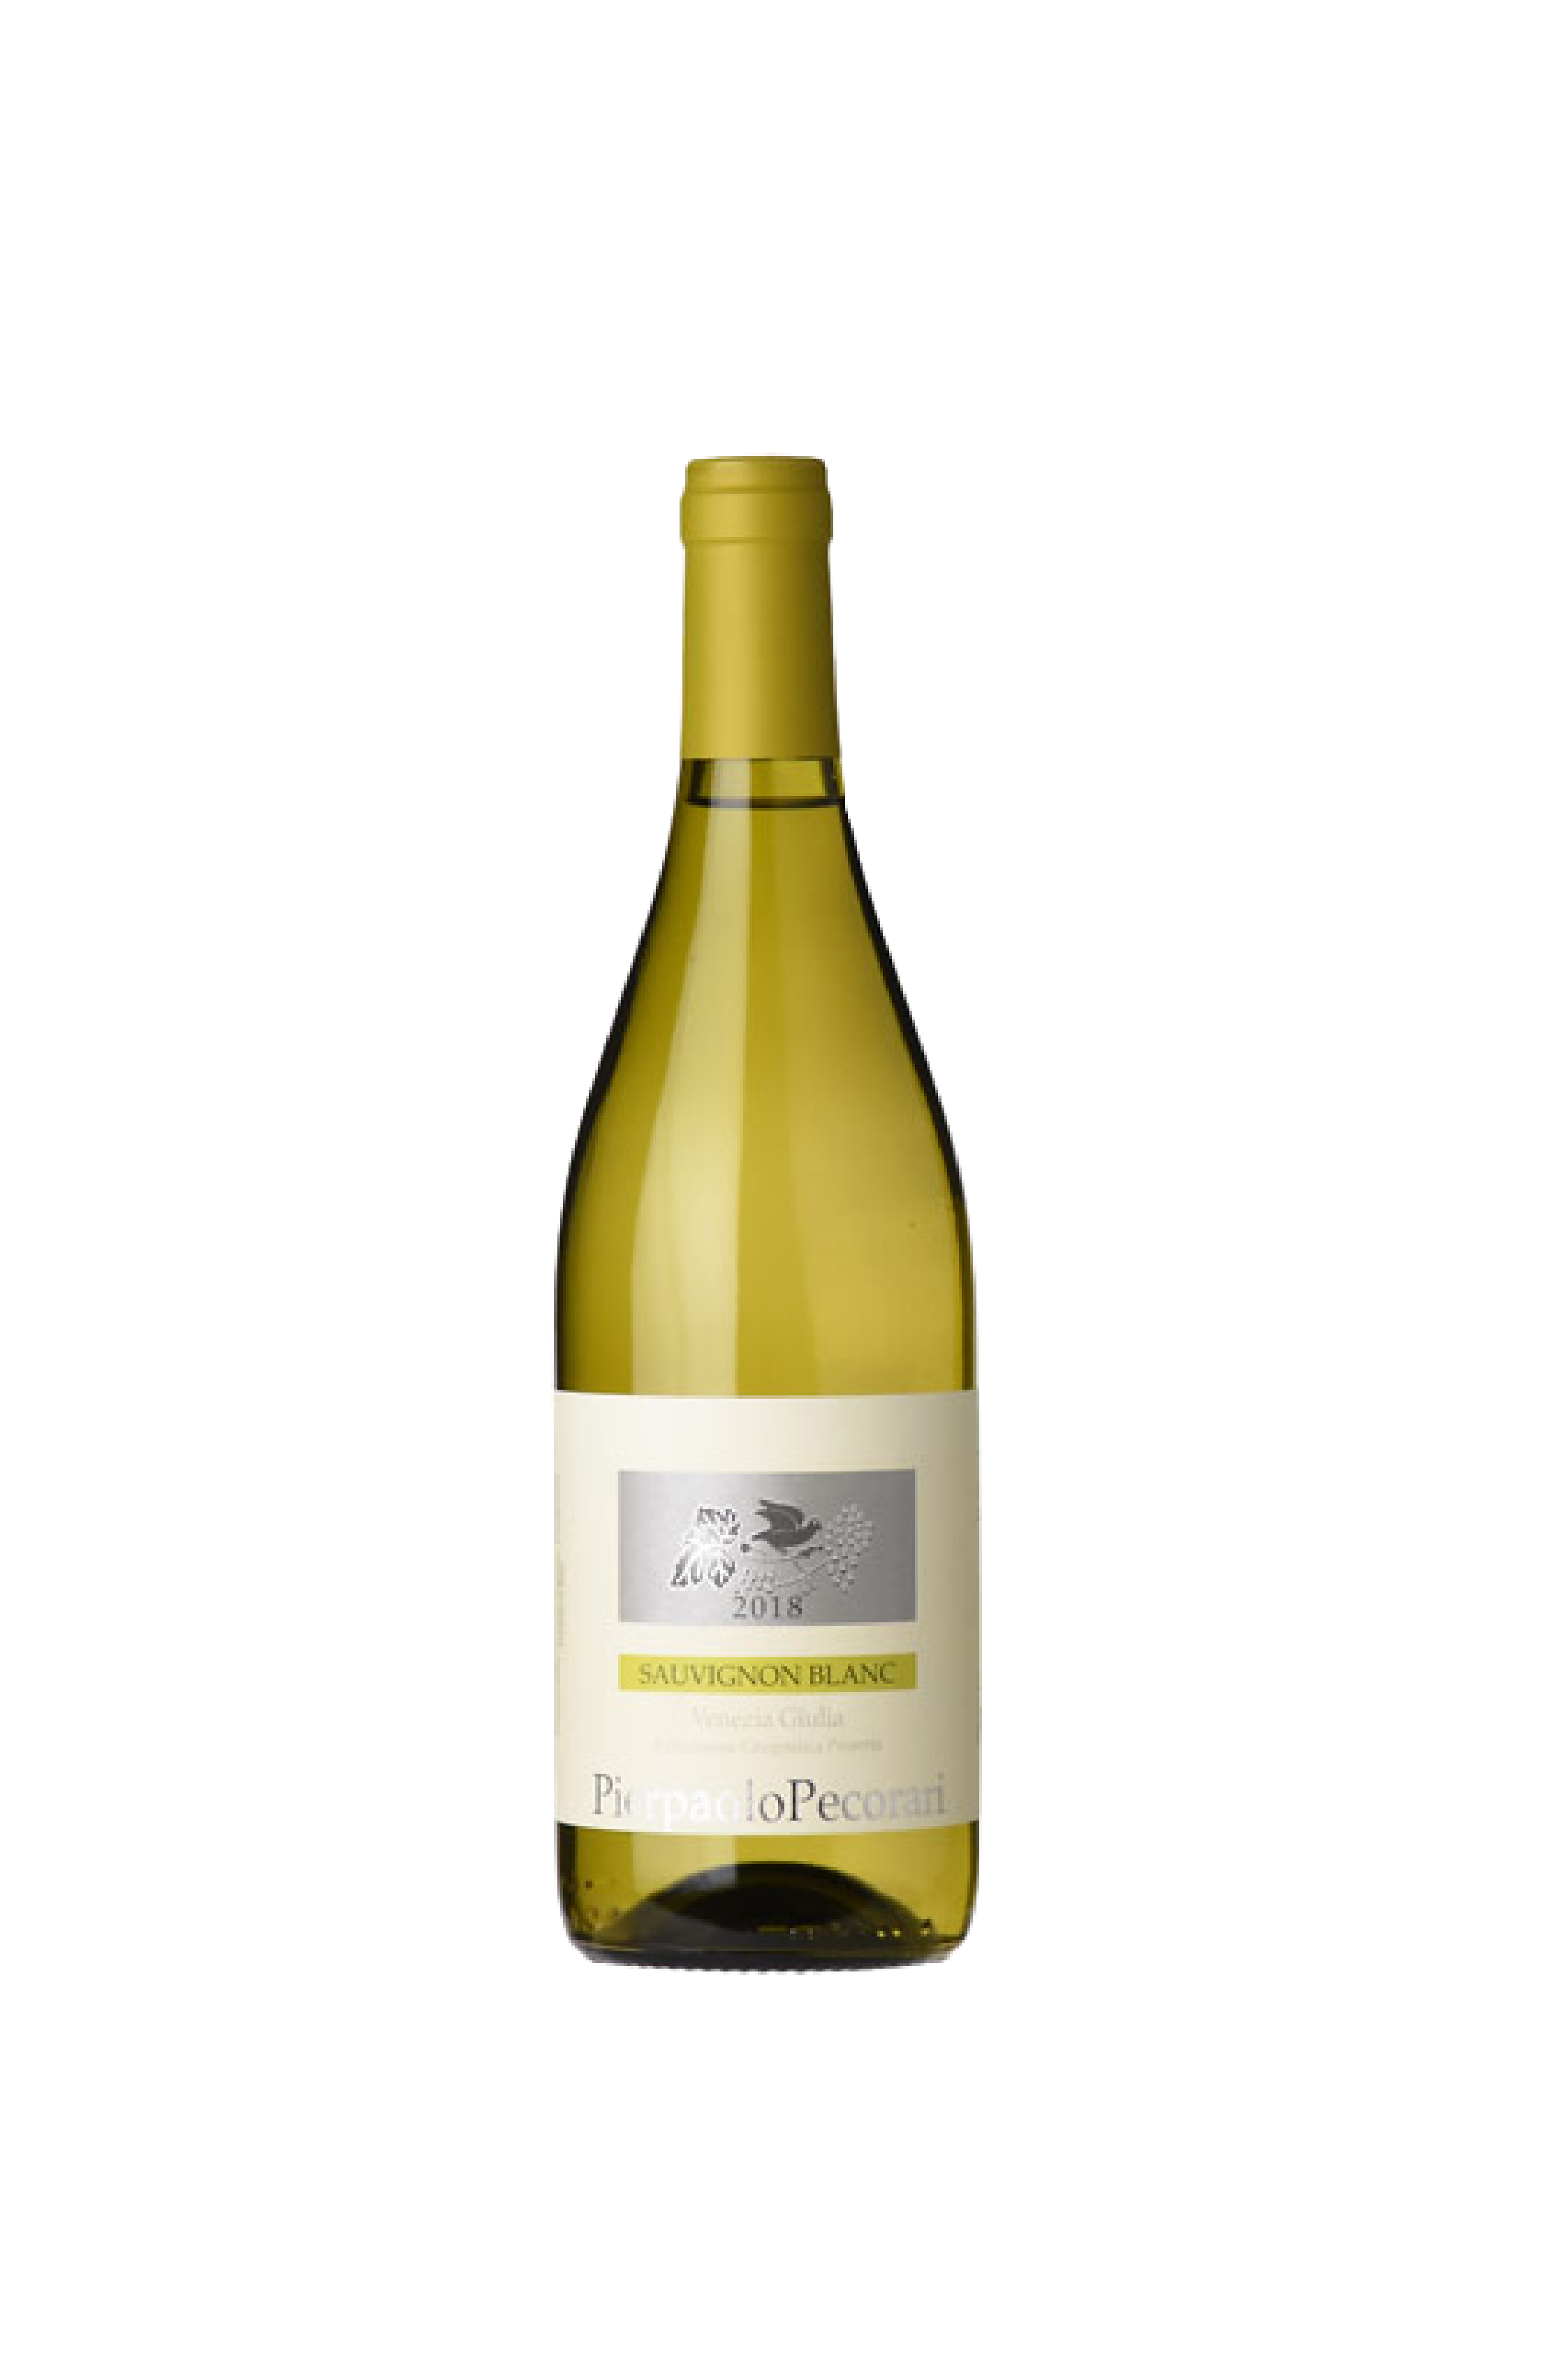 Pierpaolo Pecorari: Sauvignon Blanc